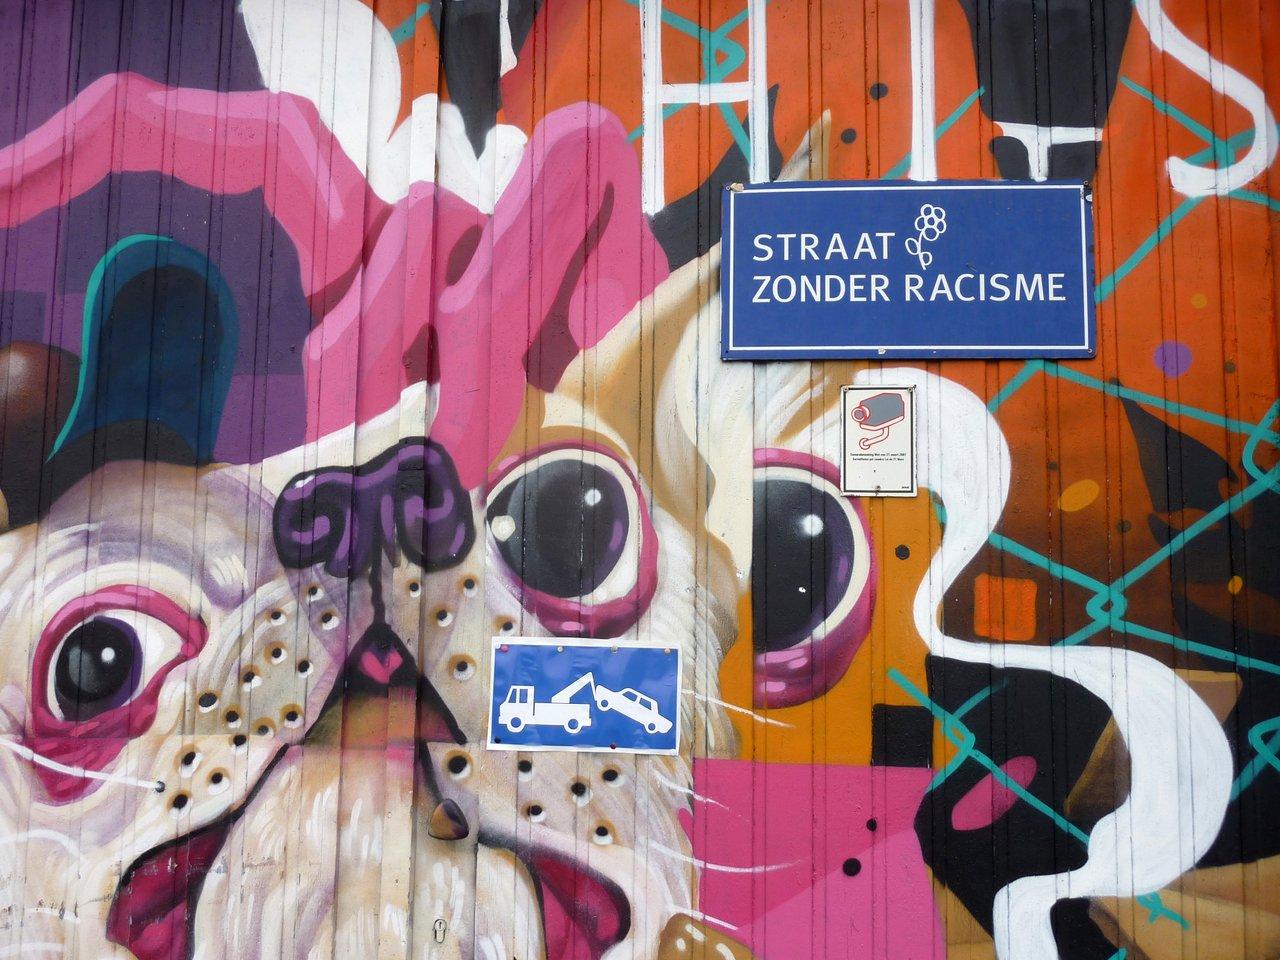 graffiti di anversa e street art: Strada senza razzismo - New Zuremborg